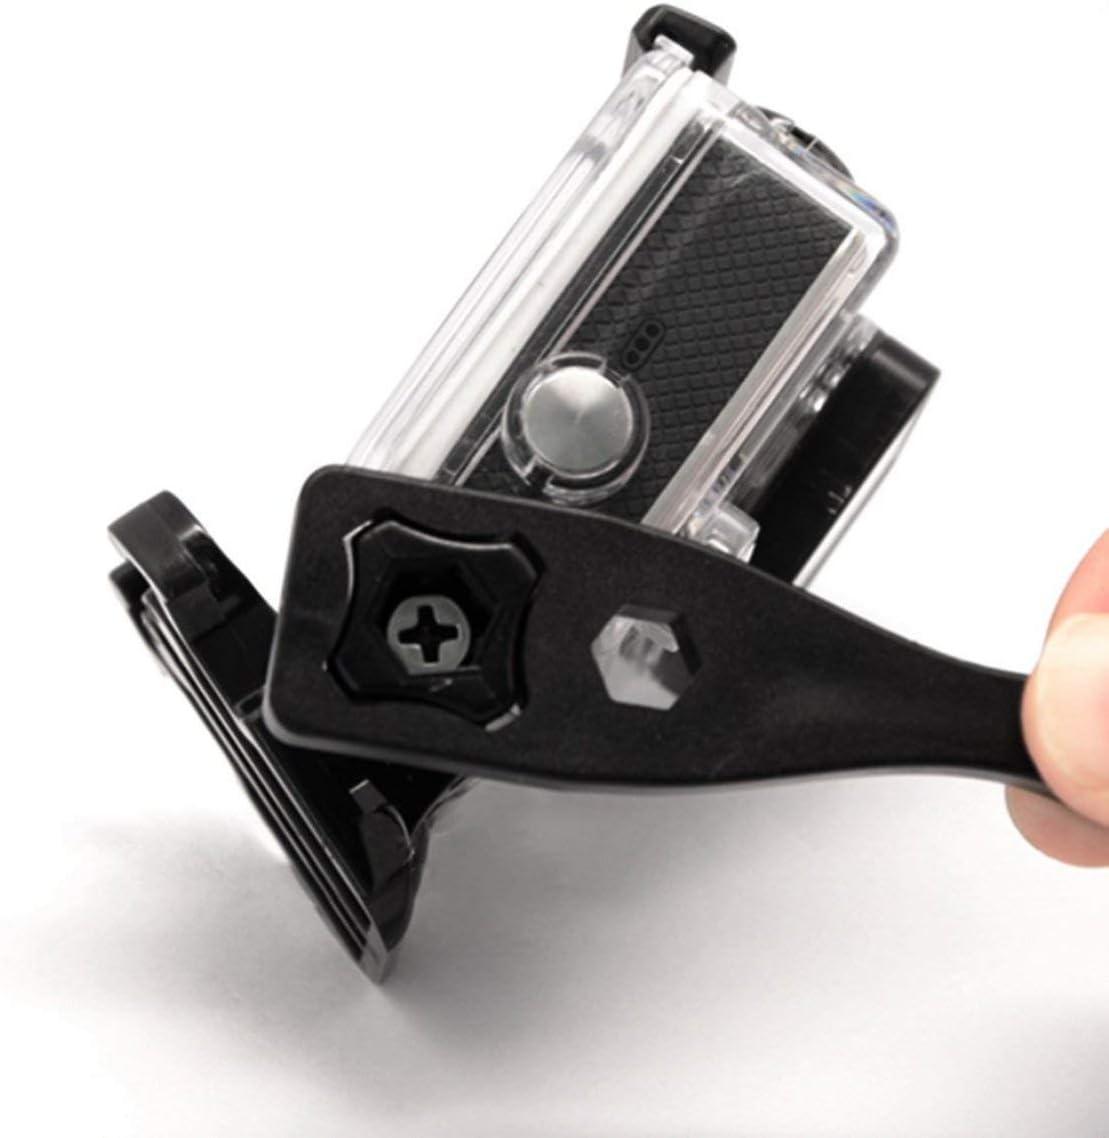 Schraubenschl/üssel aus Kunststoff Schraubenschl/üssel-Schraubenwerkzeug mit Sicherheitsseil f/ür GoPro Hero 3 3 2 Zubeh/ör Kameramontage festziehen